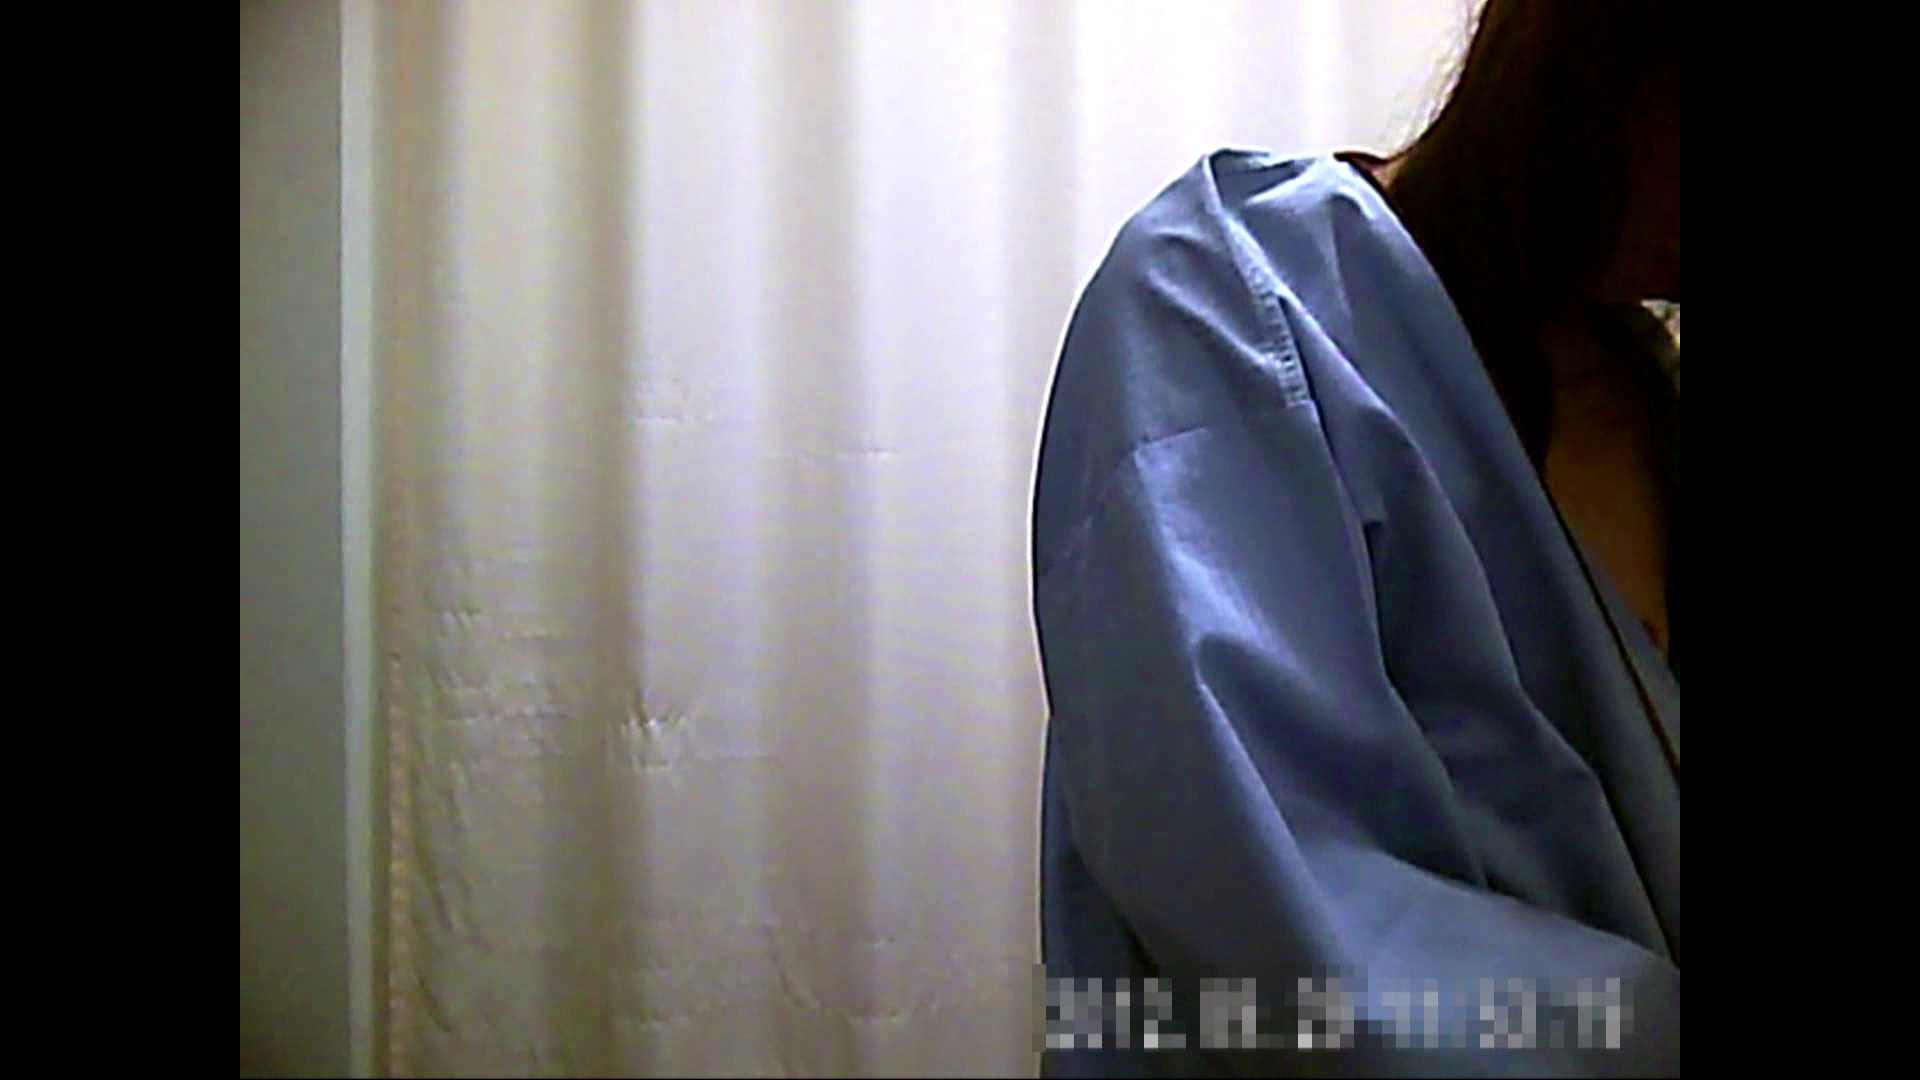 元医者による反抗 更衣室地獄絵巻 vol.072 OLハメ撮り  68Pix 68